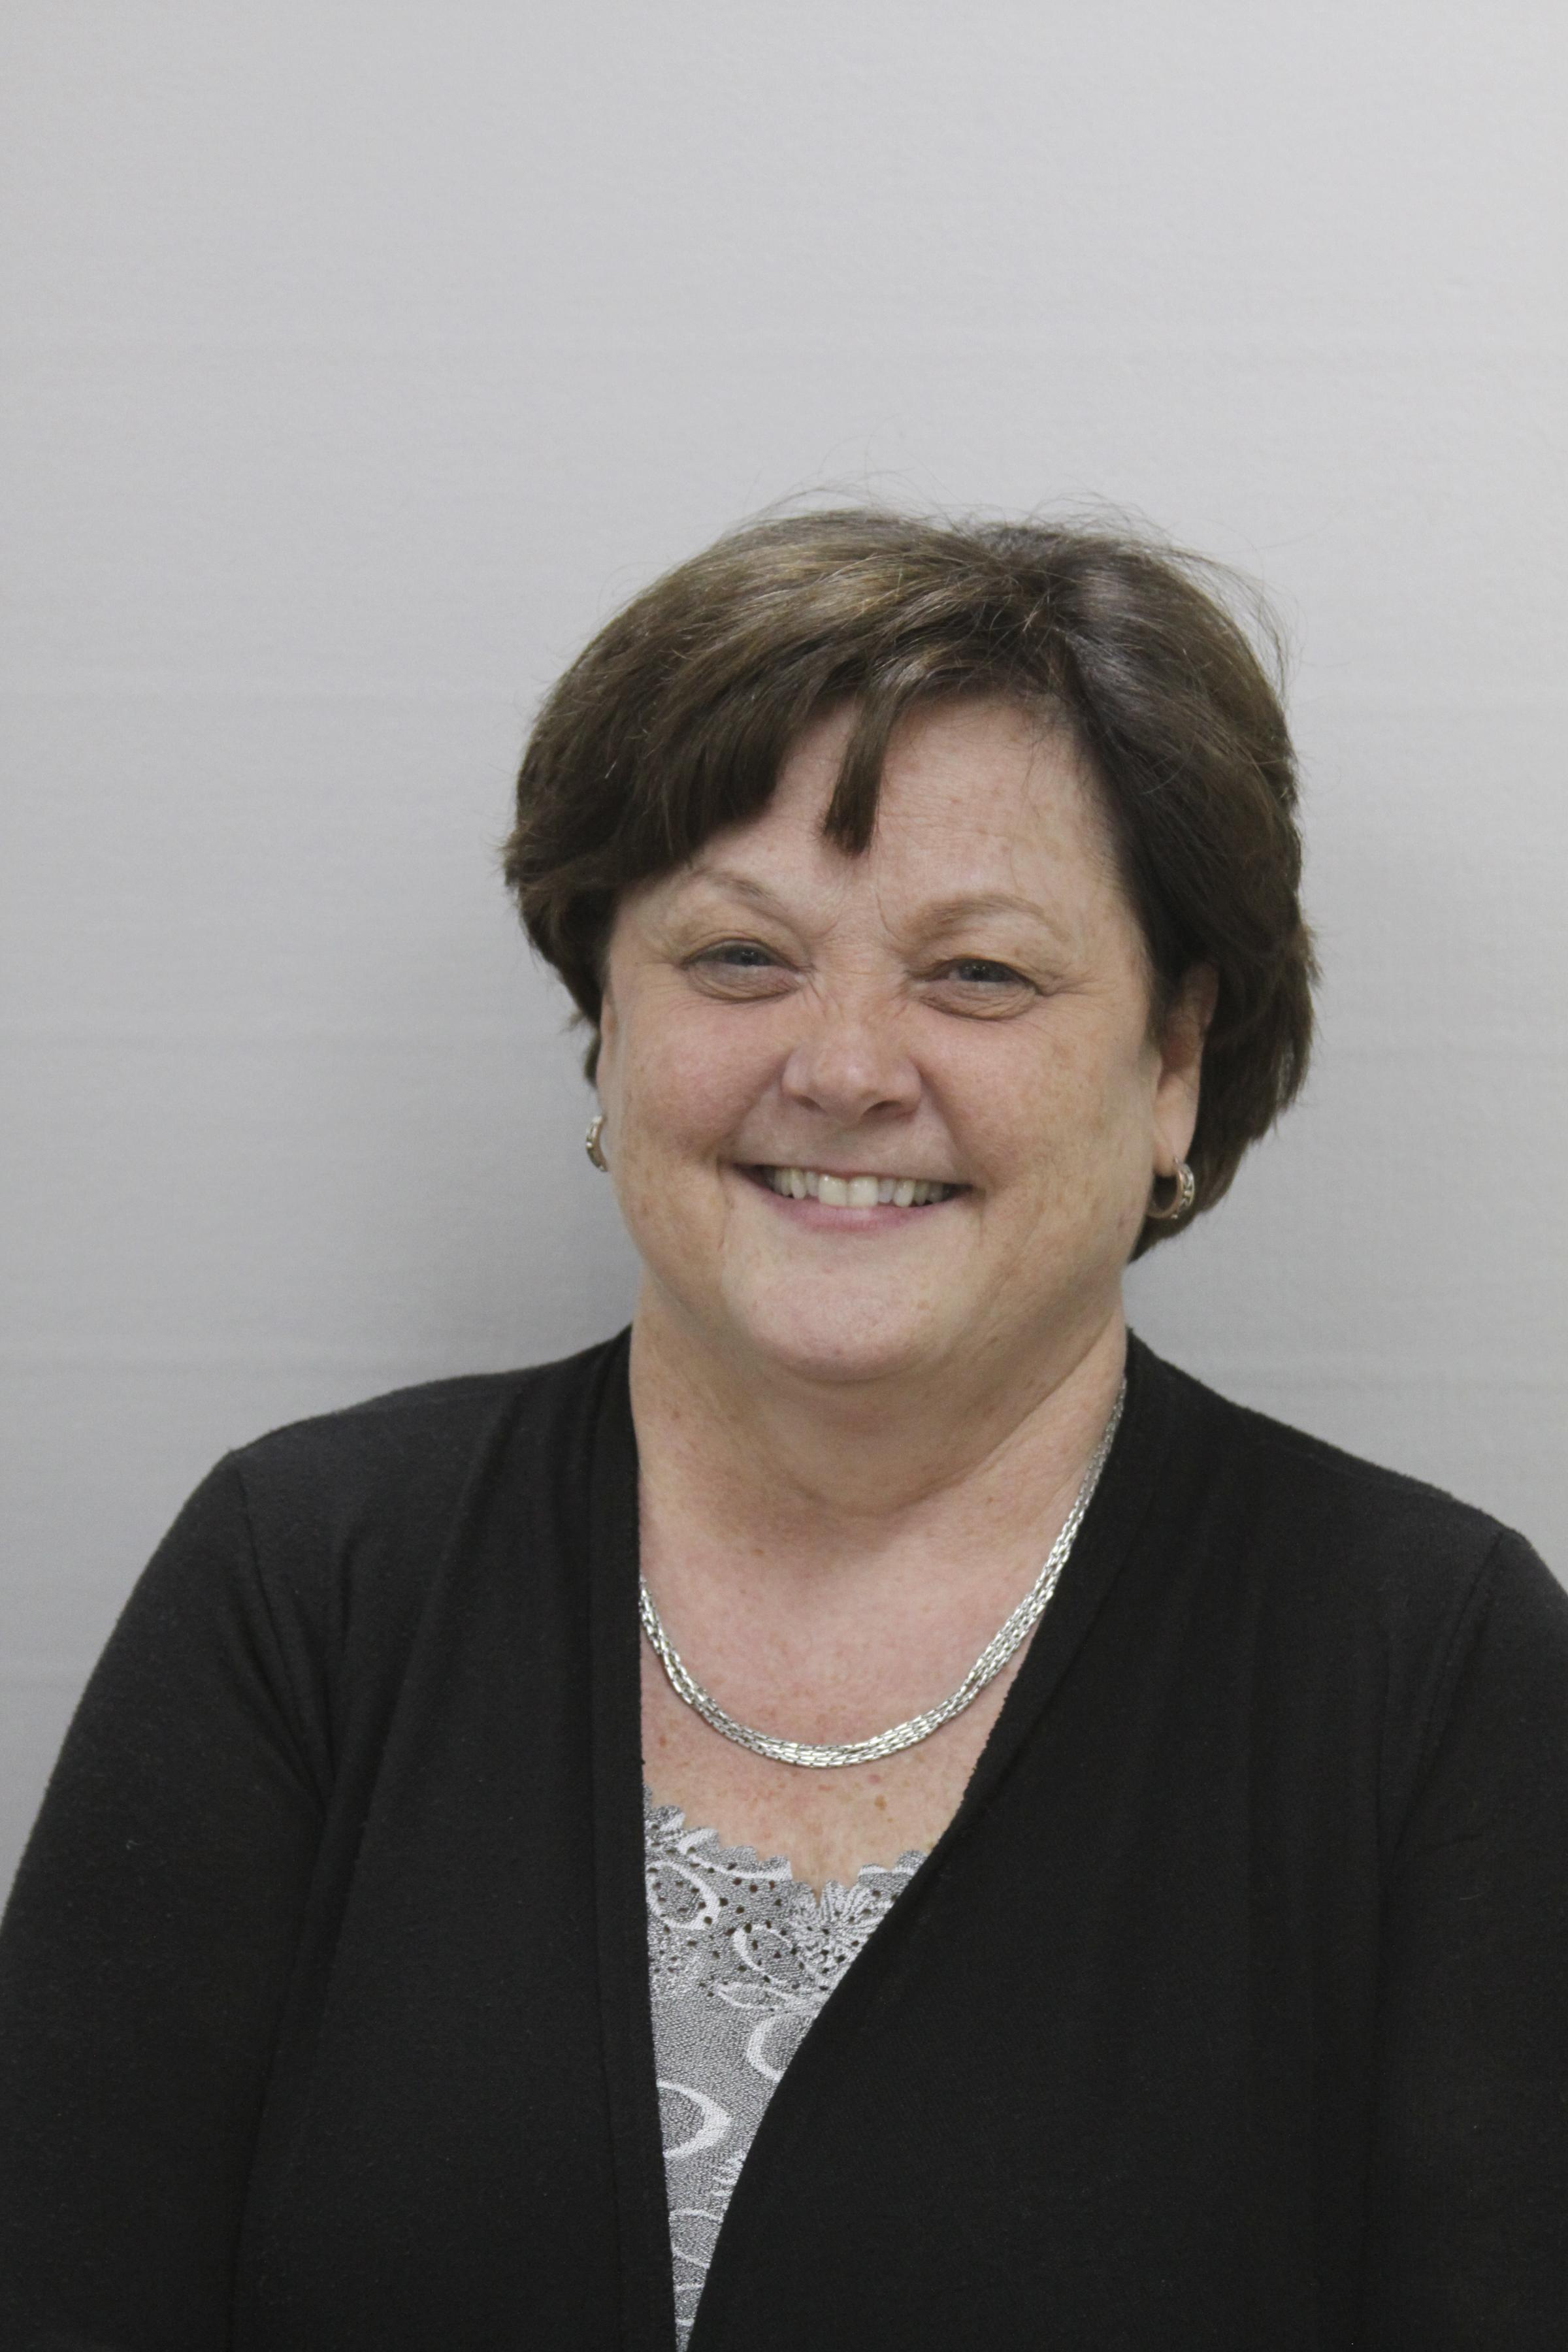 Janet Dunbar